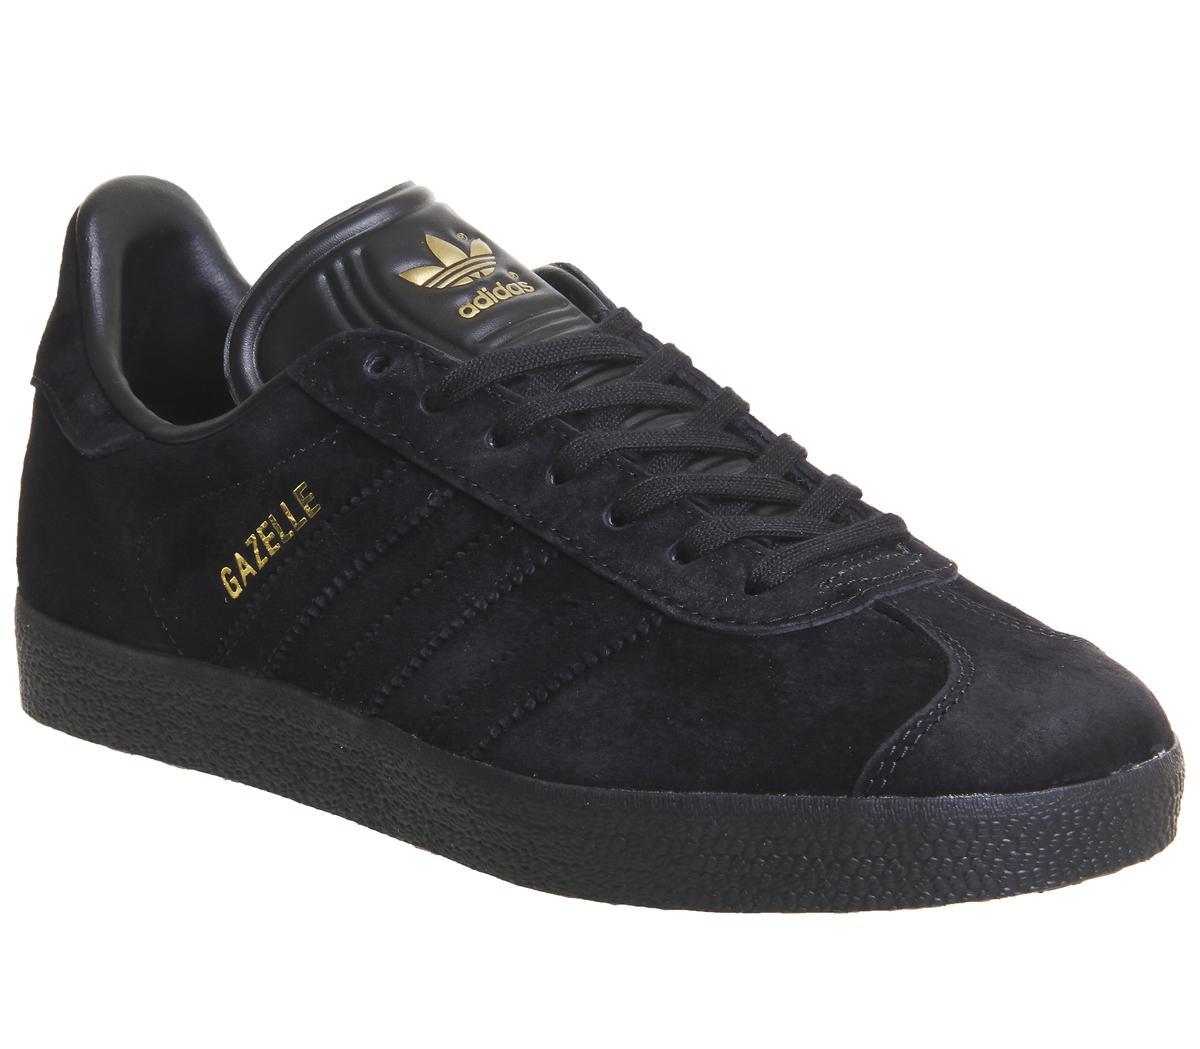 marca famosa ahorros fantásticos gama muy codiciada de adidas Gazelle Trainers Black Gold Exclusive - His trainers